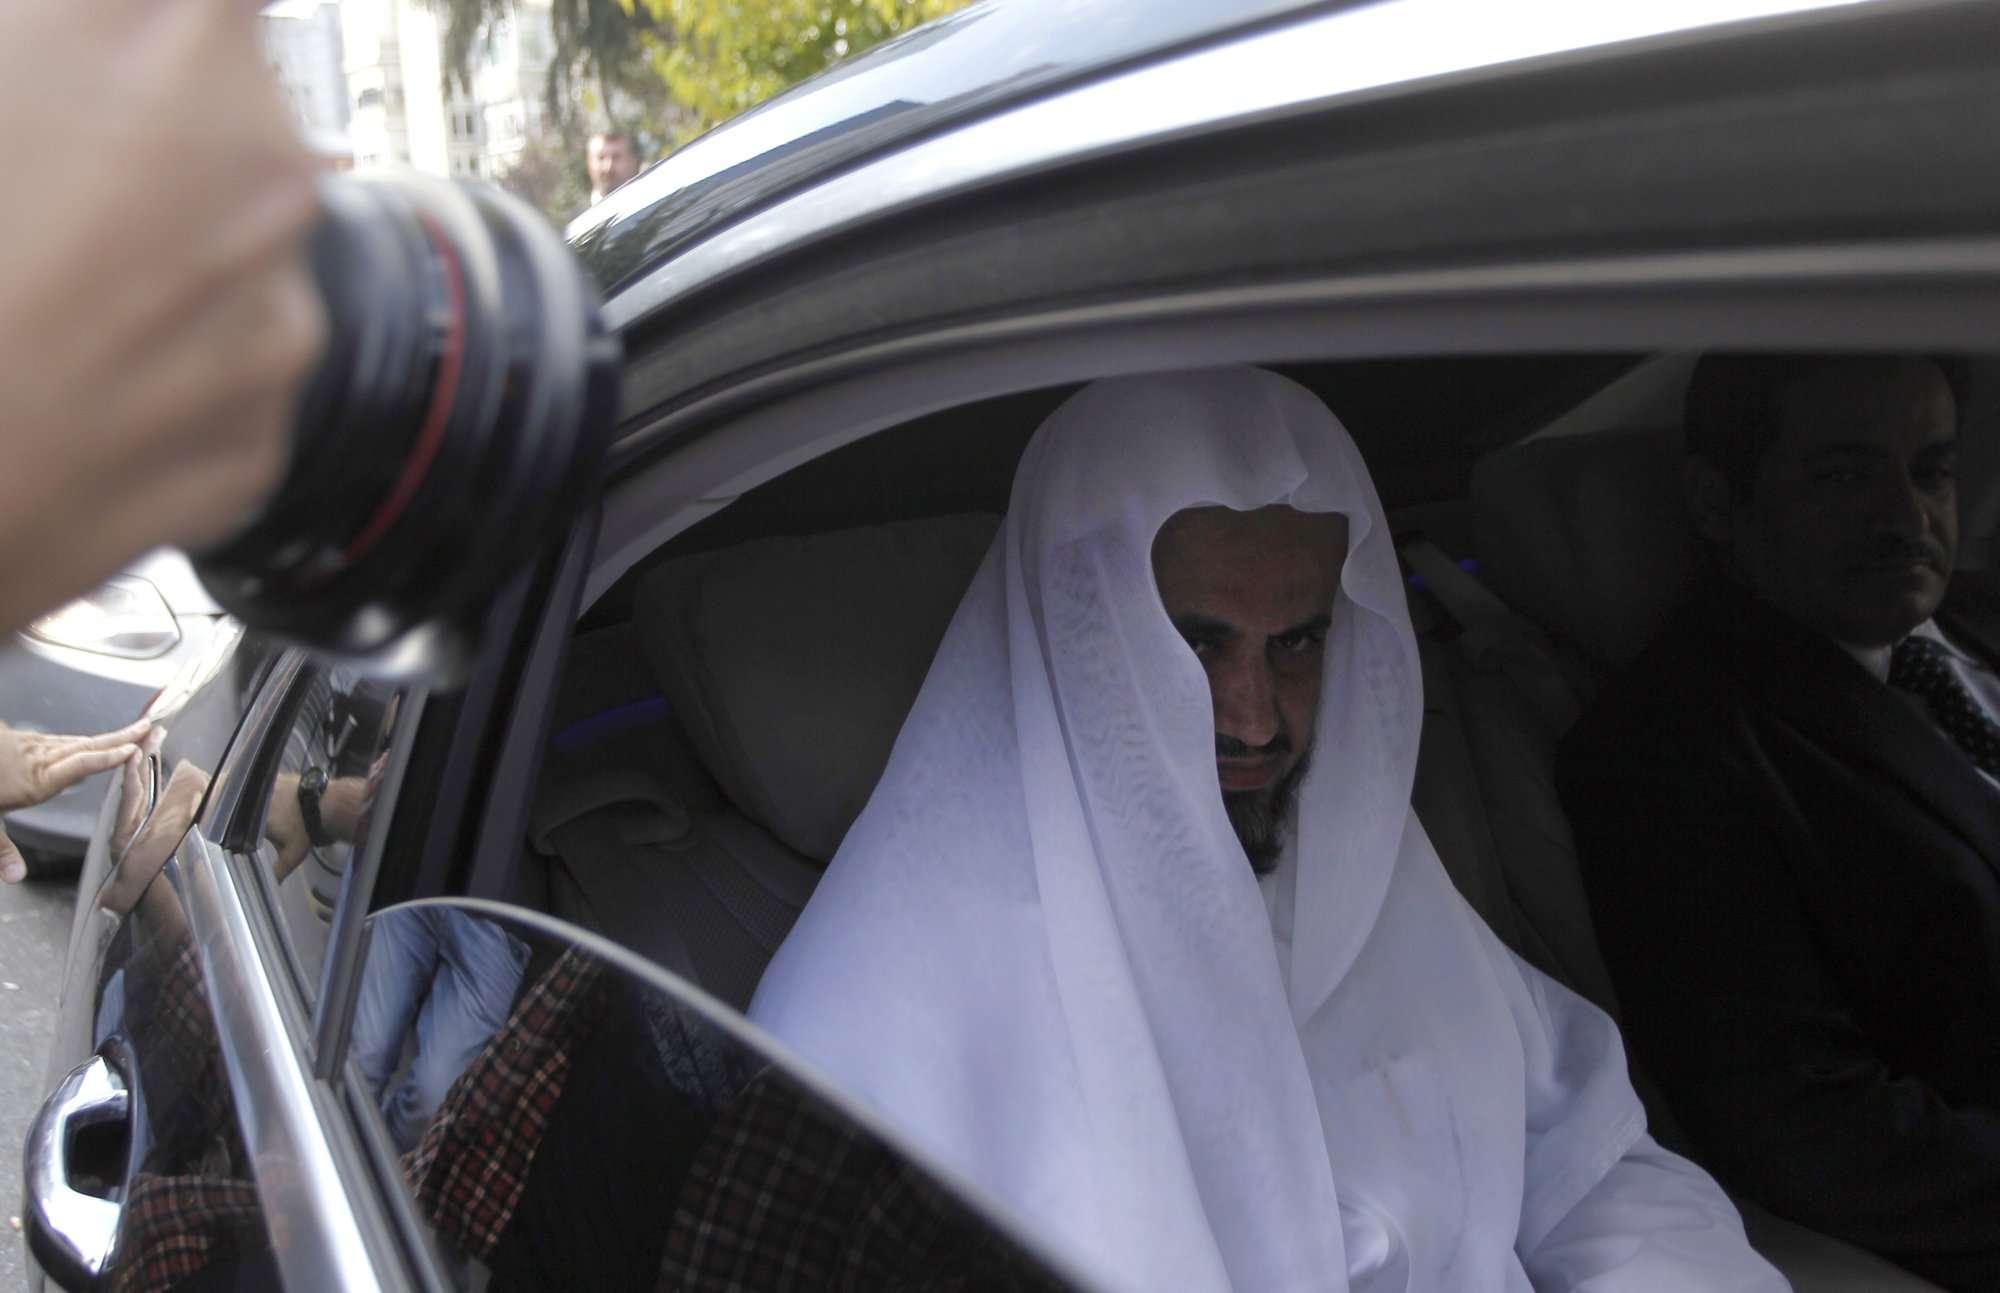 Los informes de los medios turcos dicen que el principal fiscal de Arabia Saudita, que se encuentra en Estambul para discutir sobre el asesinato del escritor saudita Jamal Khashoggi. AP